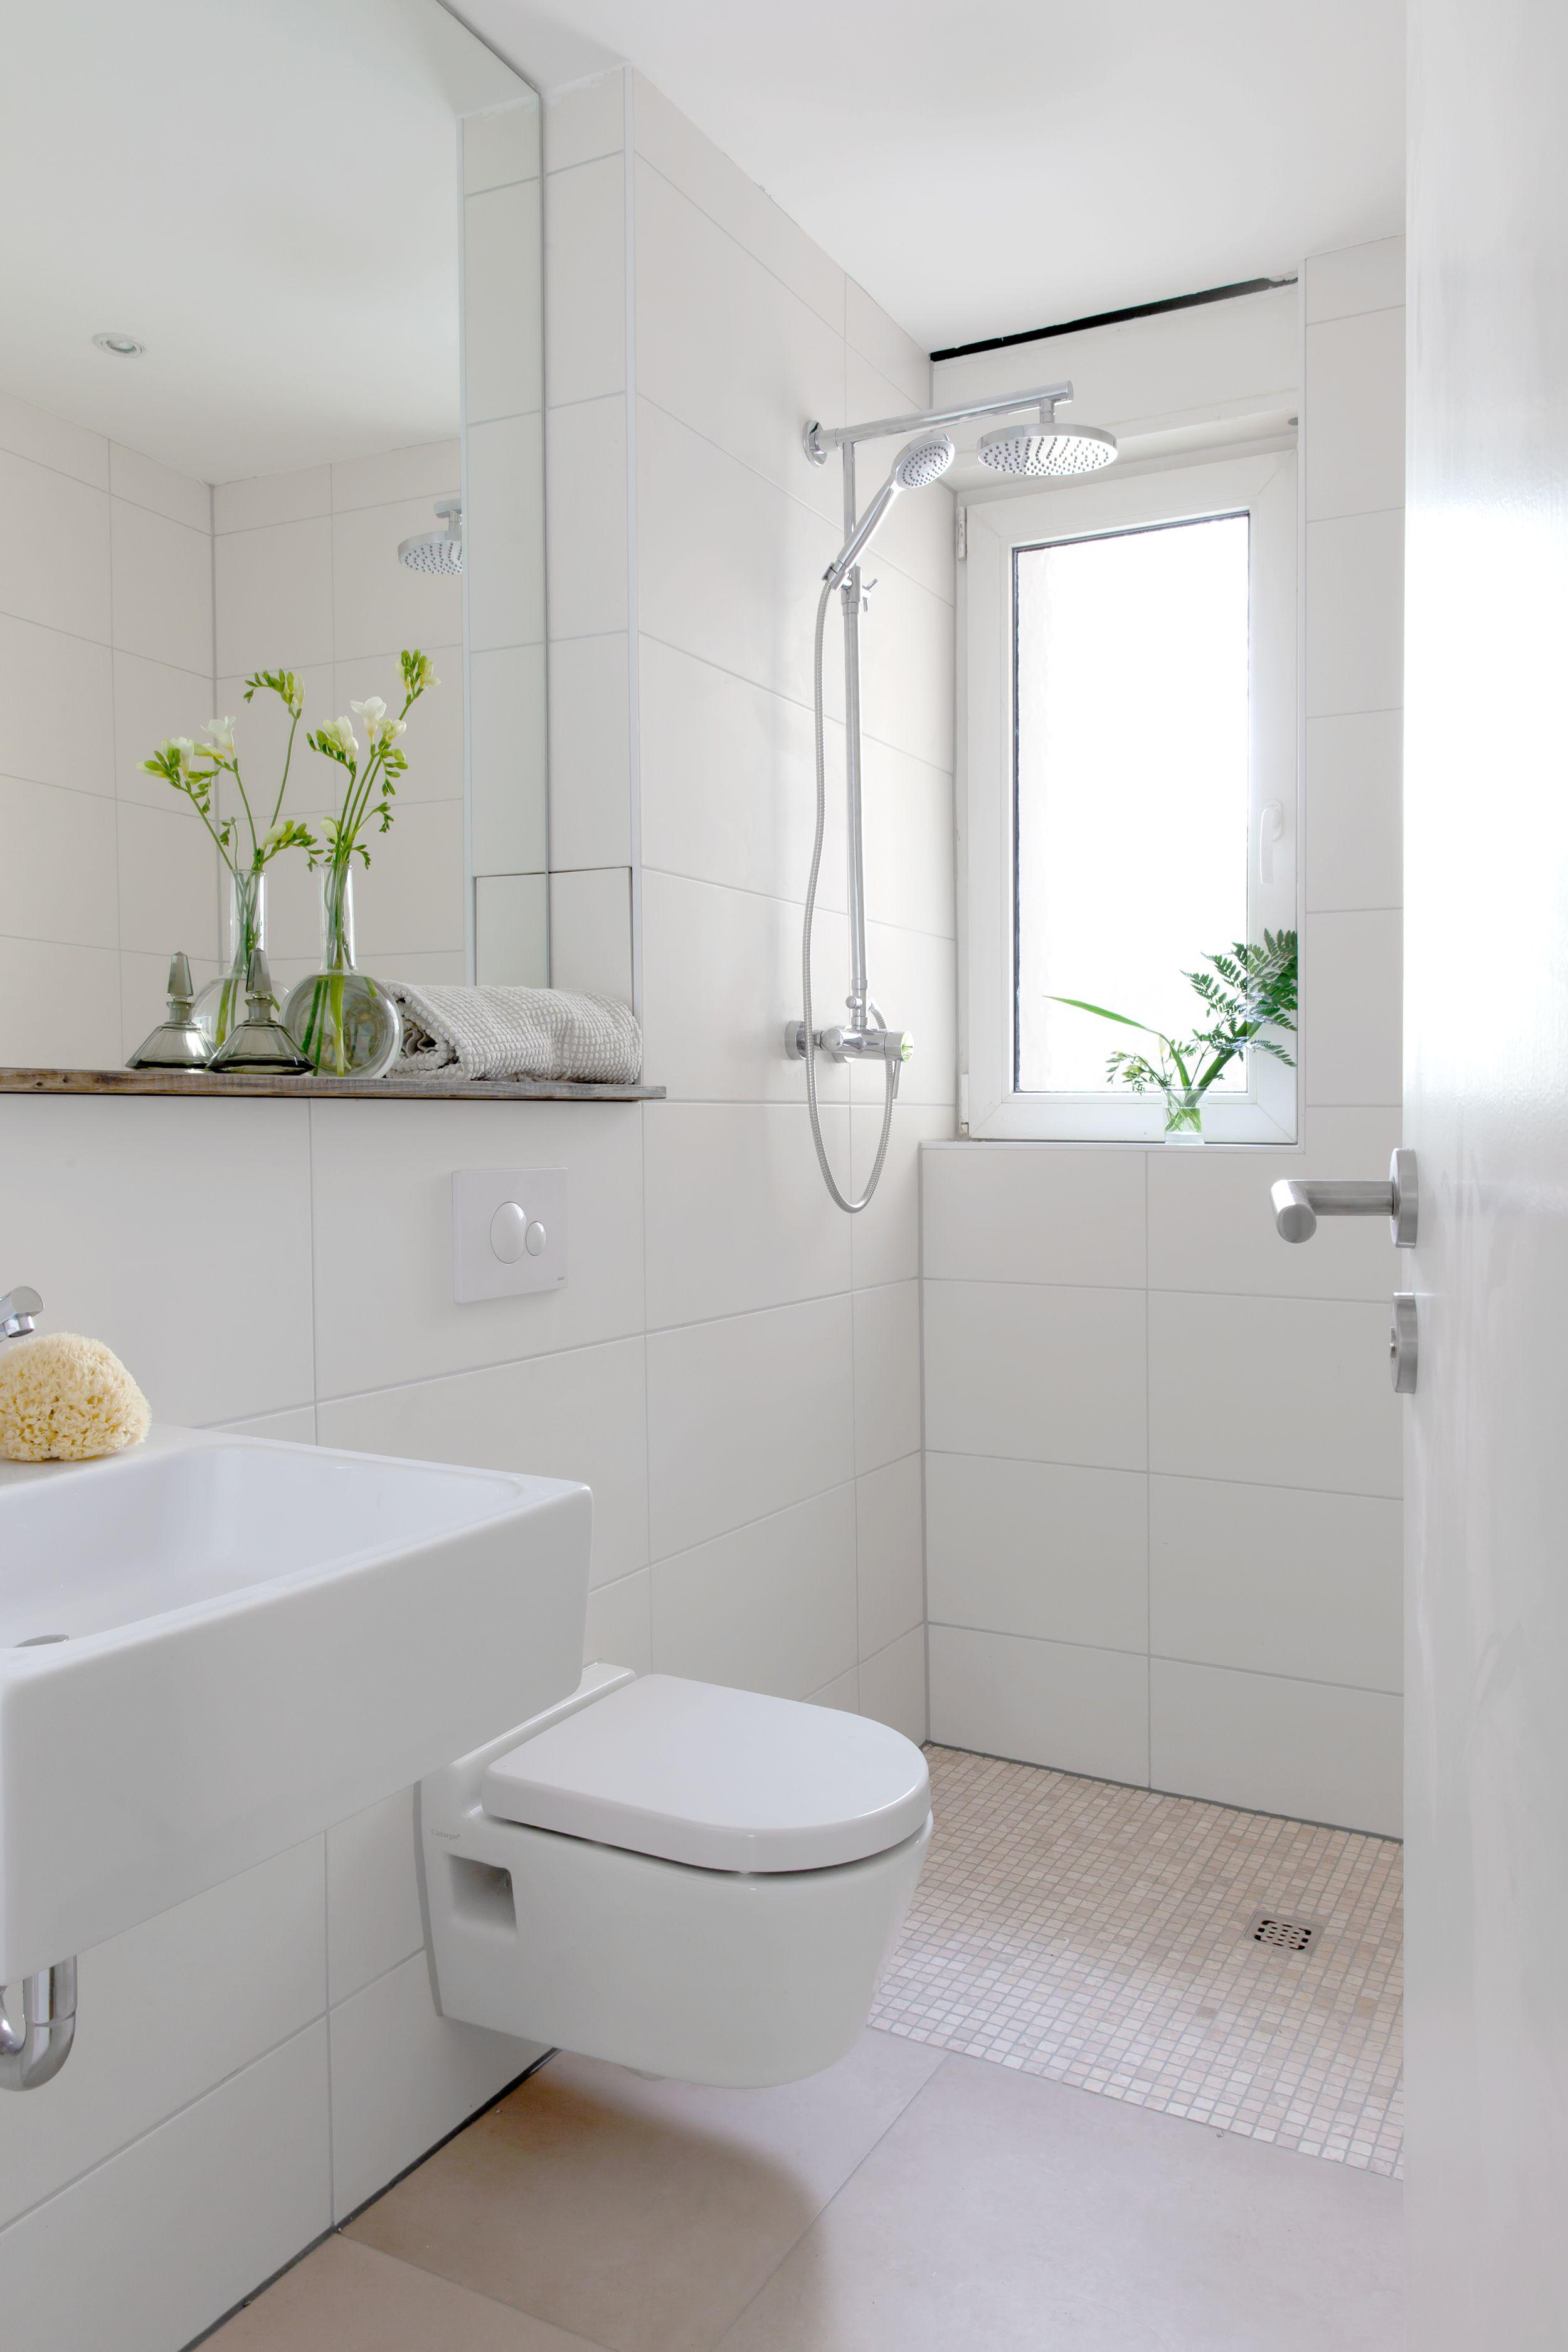 Bathroom Eigentumswohnung In Berlin Steglitz Zuhause Wohnen Und Eigentumswohnung